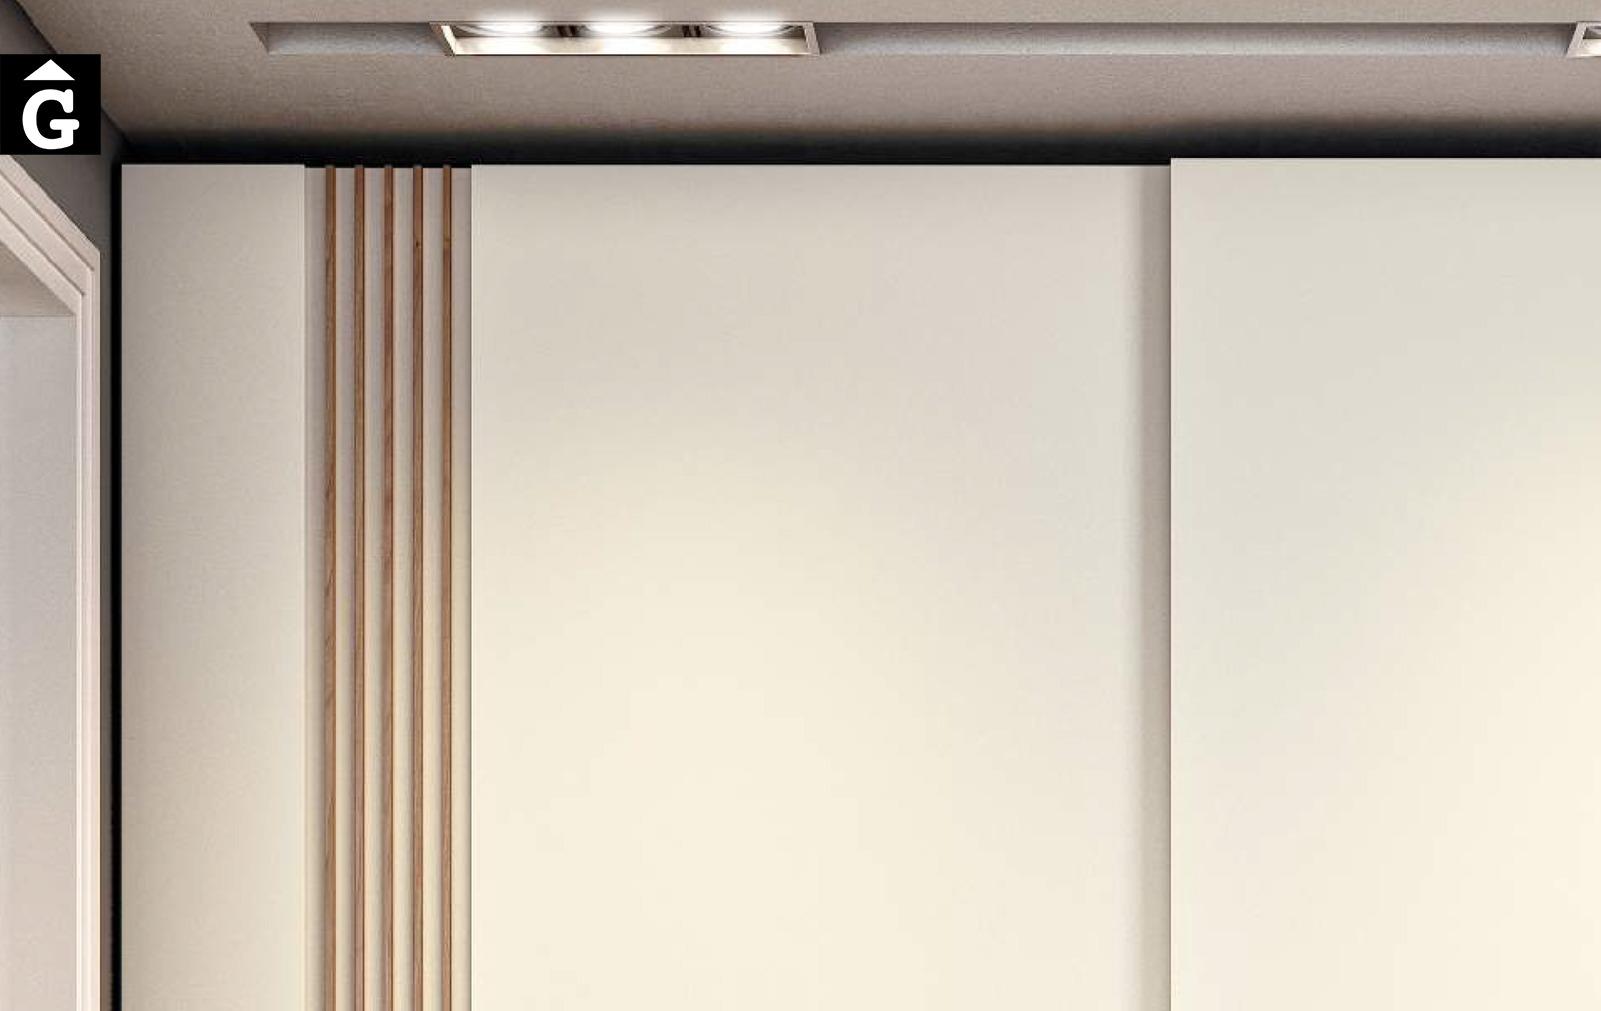 Detall porta Totem Armaris a mida i standard Closets EMEDE mobles by Mobles GIFREU Girona ESPAI EMEDE Epacio emede Muebles MD moble menjador Sala estar habitatge qualitat laca xapa natural